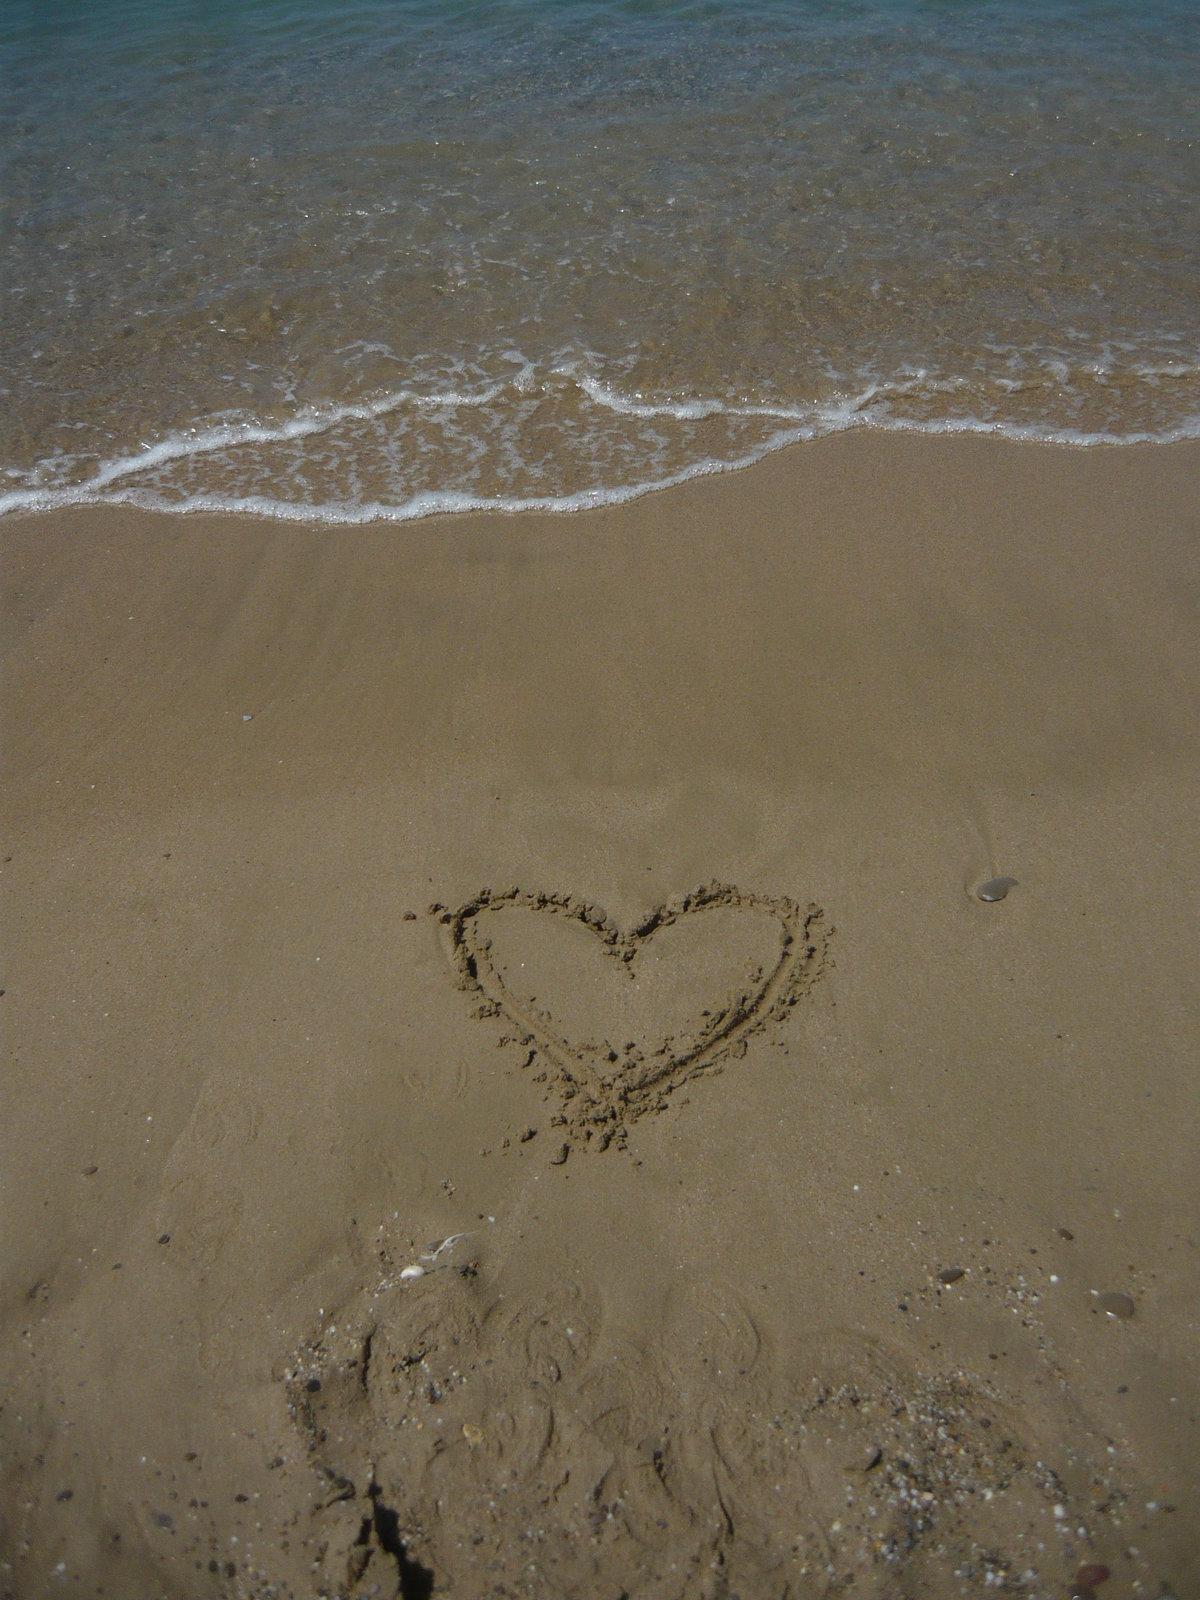 Картинки с именем диана на песке